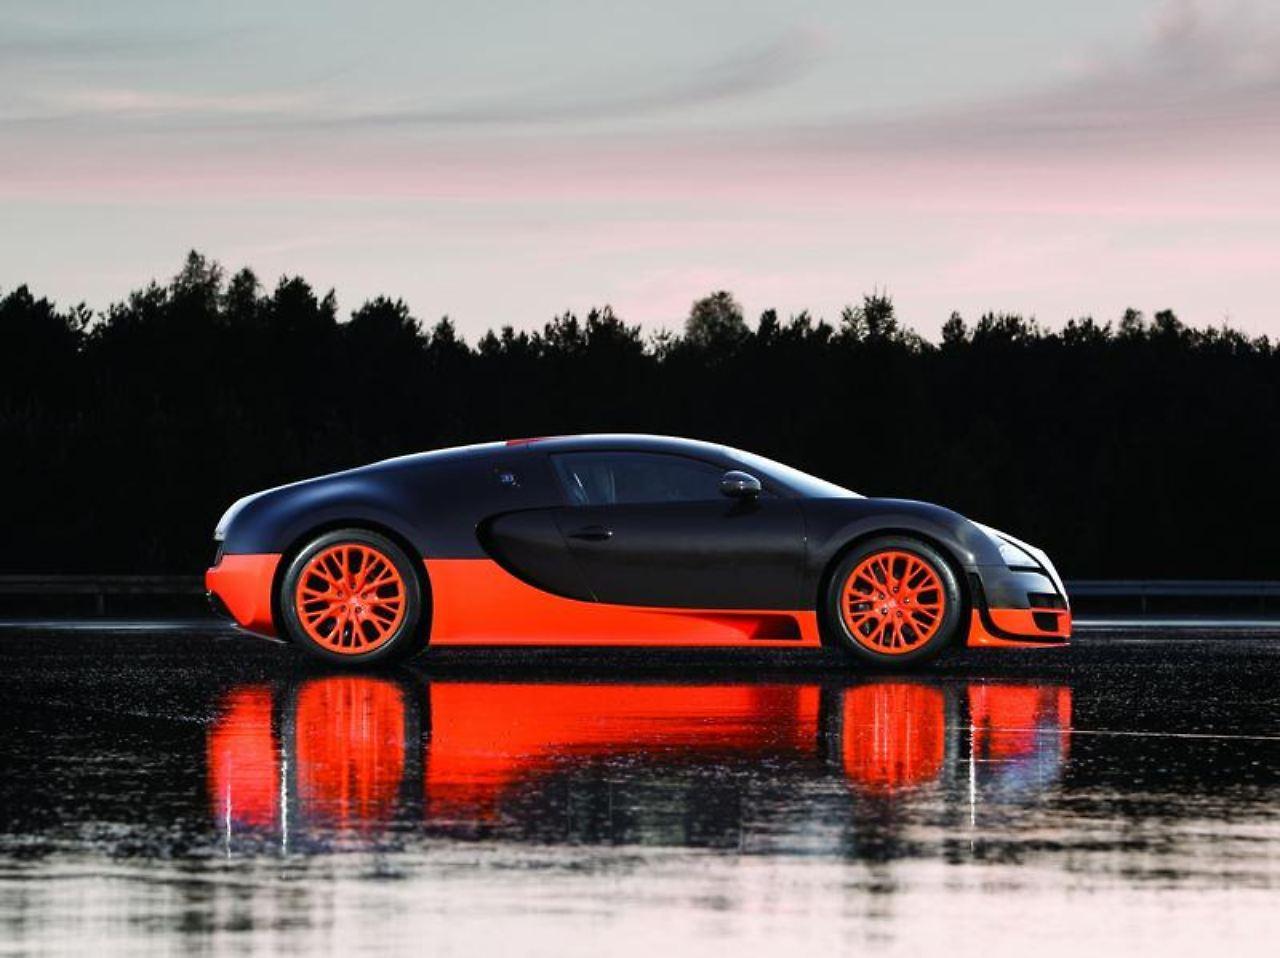 Teuerste auto der welt bugatti  Exklusiv, exklusiver, Bugatti: Teuerster Sportwagen der Welt - n-tv.de